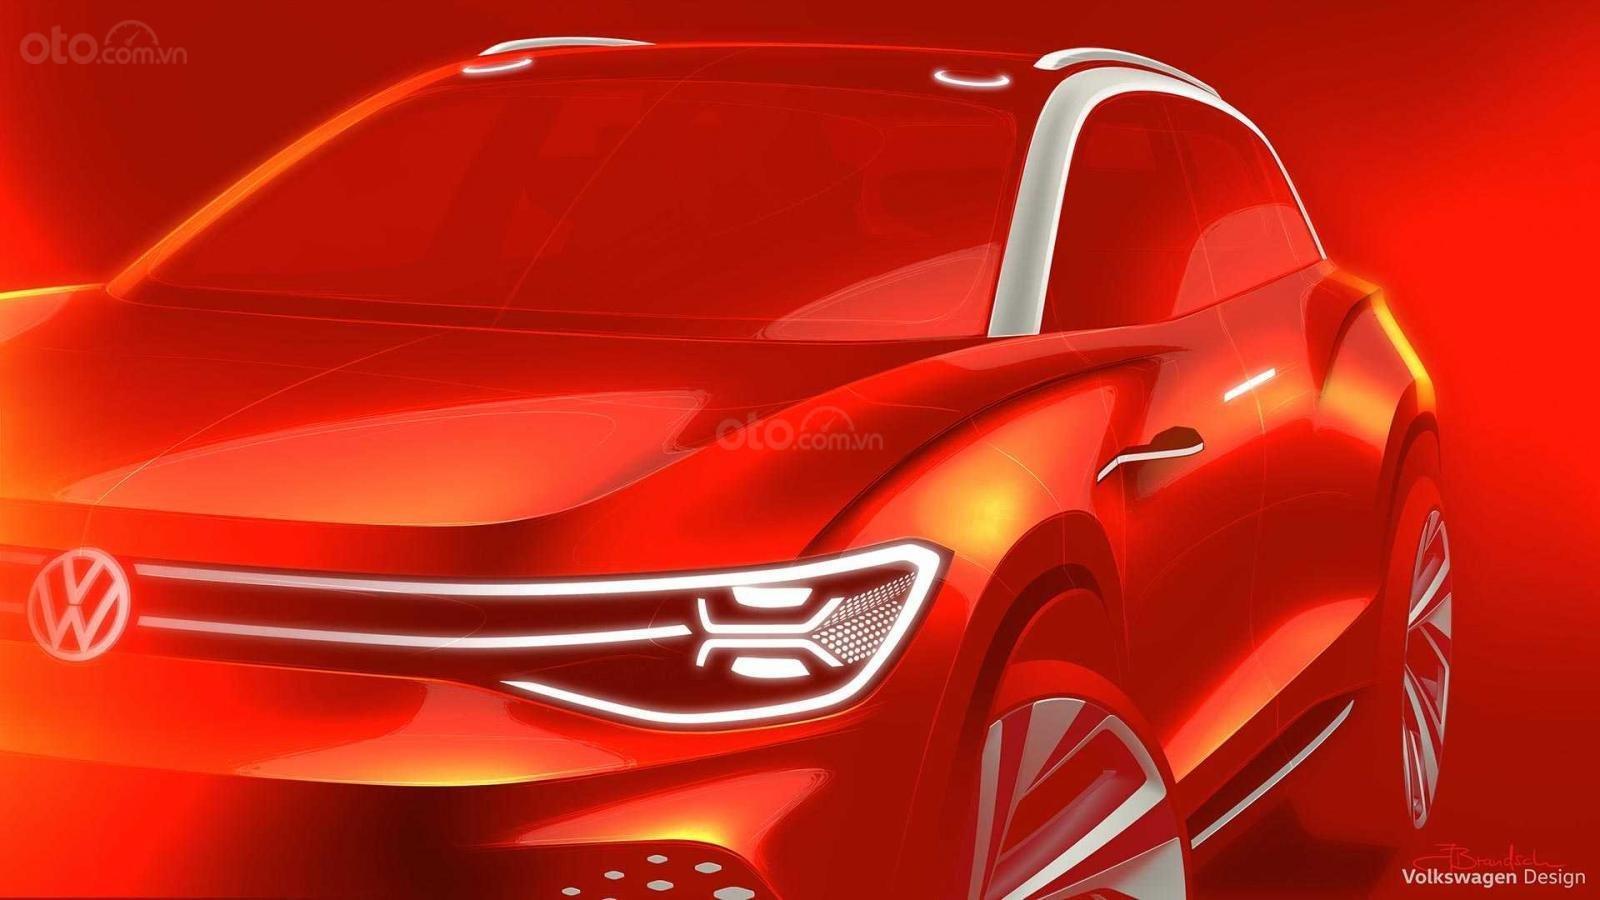 Volkswagen I.D. Roomzz Concept dự kiến hút hồn người hâm mộ